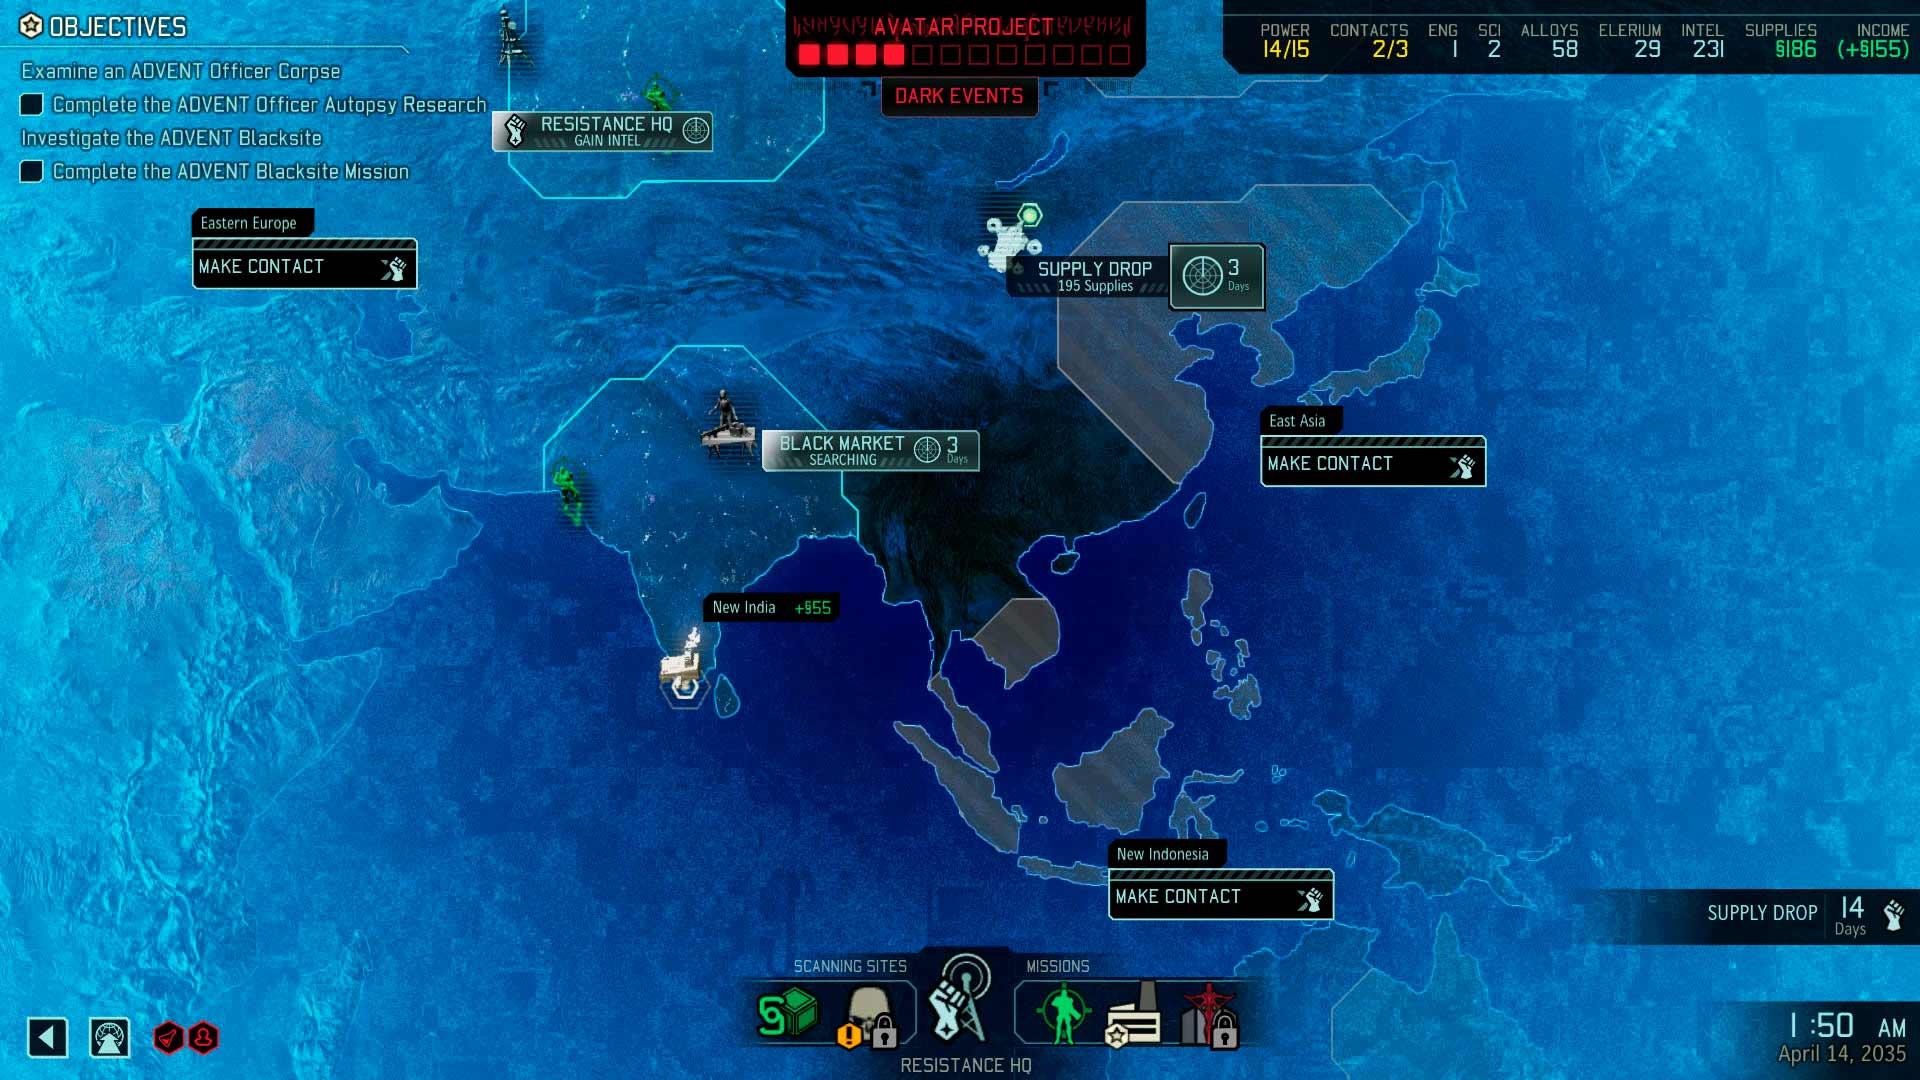 скачать игру война империй спарта